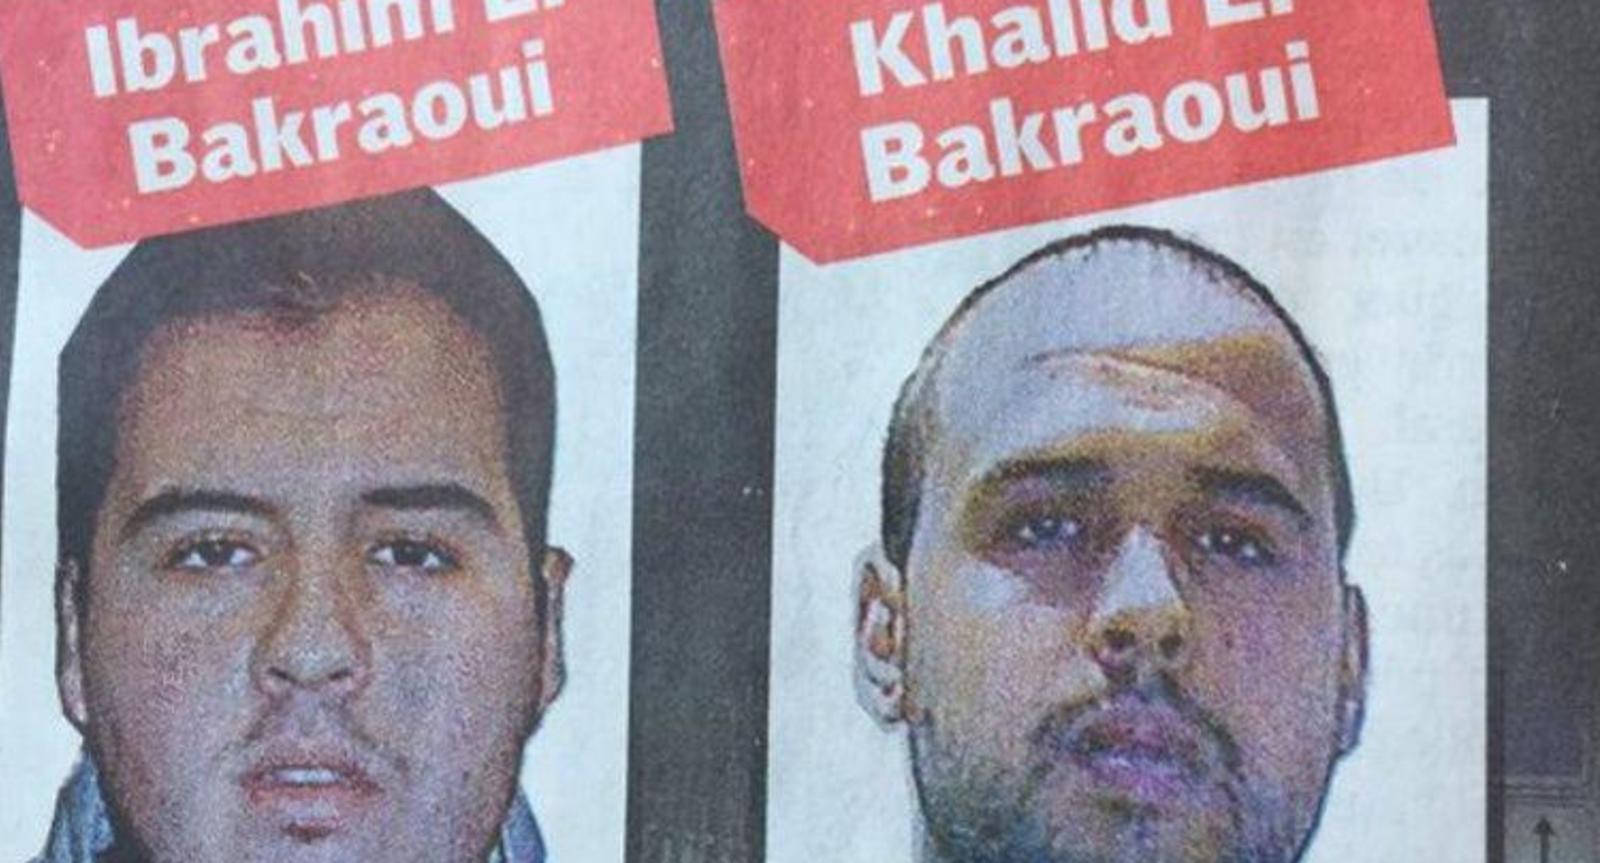 الشقيقان البكراوي تفجير مطار بروكسل